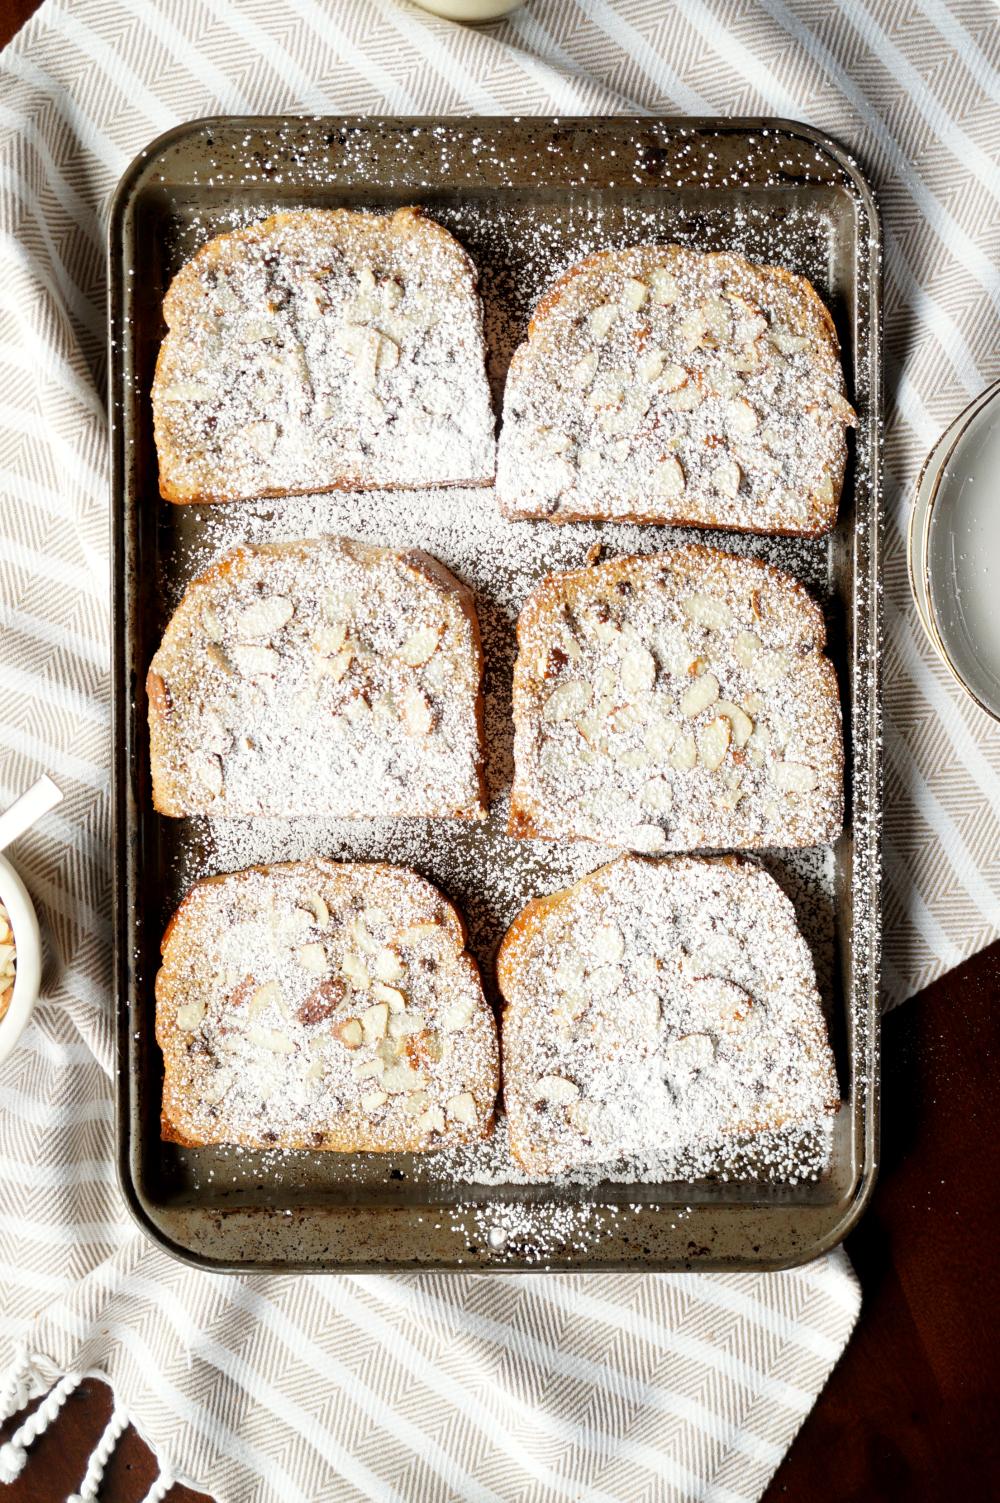 almond chocolate chip brioche bostock | The Baking Fairy